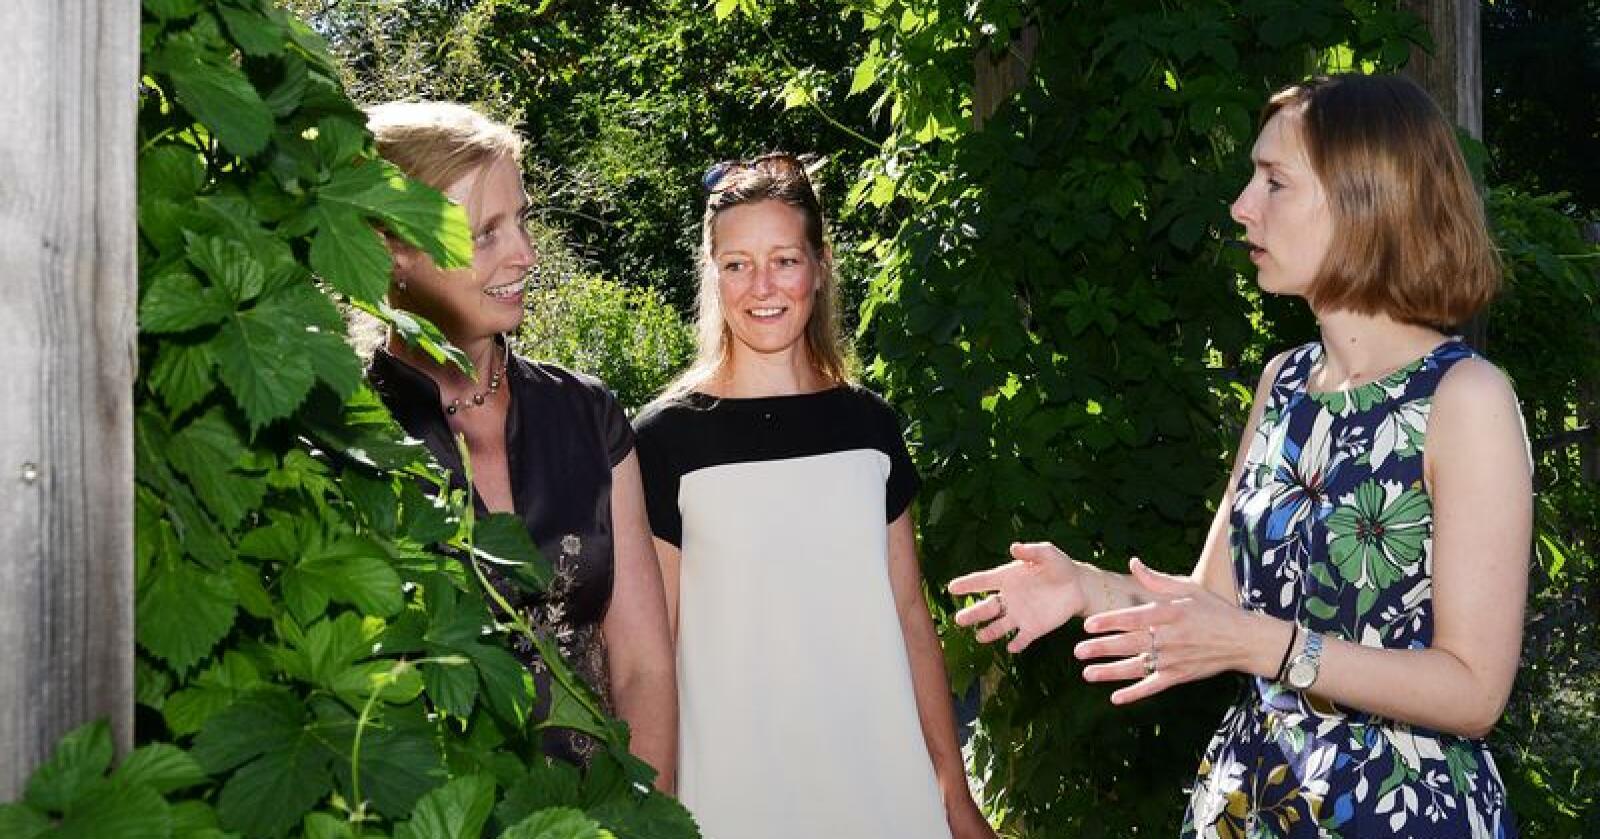 Forskerne Anneleen Kool og Karoline Kjesrud fikk besøk av en engasjert forskningsminister Iselin Nybø fredag. Foto: Siri Juell Rasmussen.